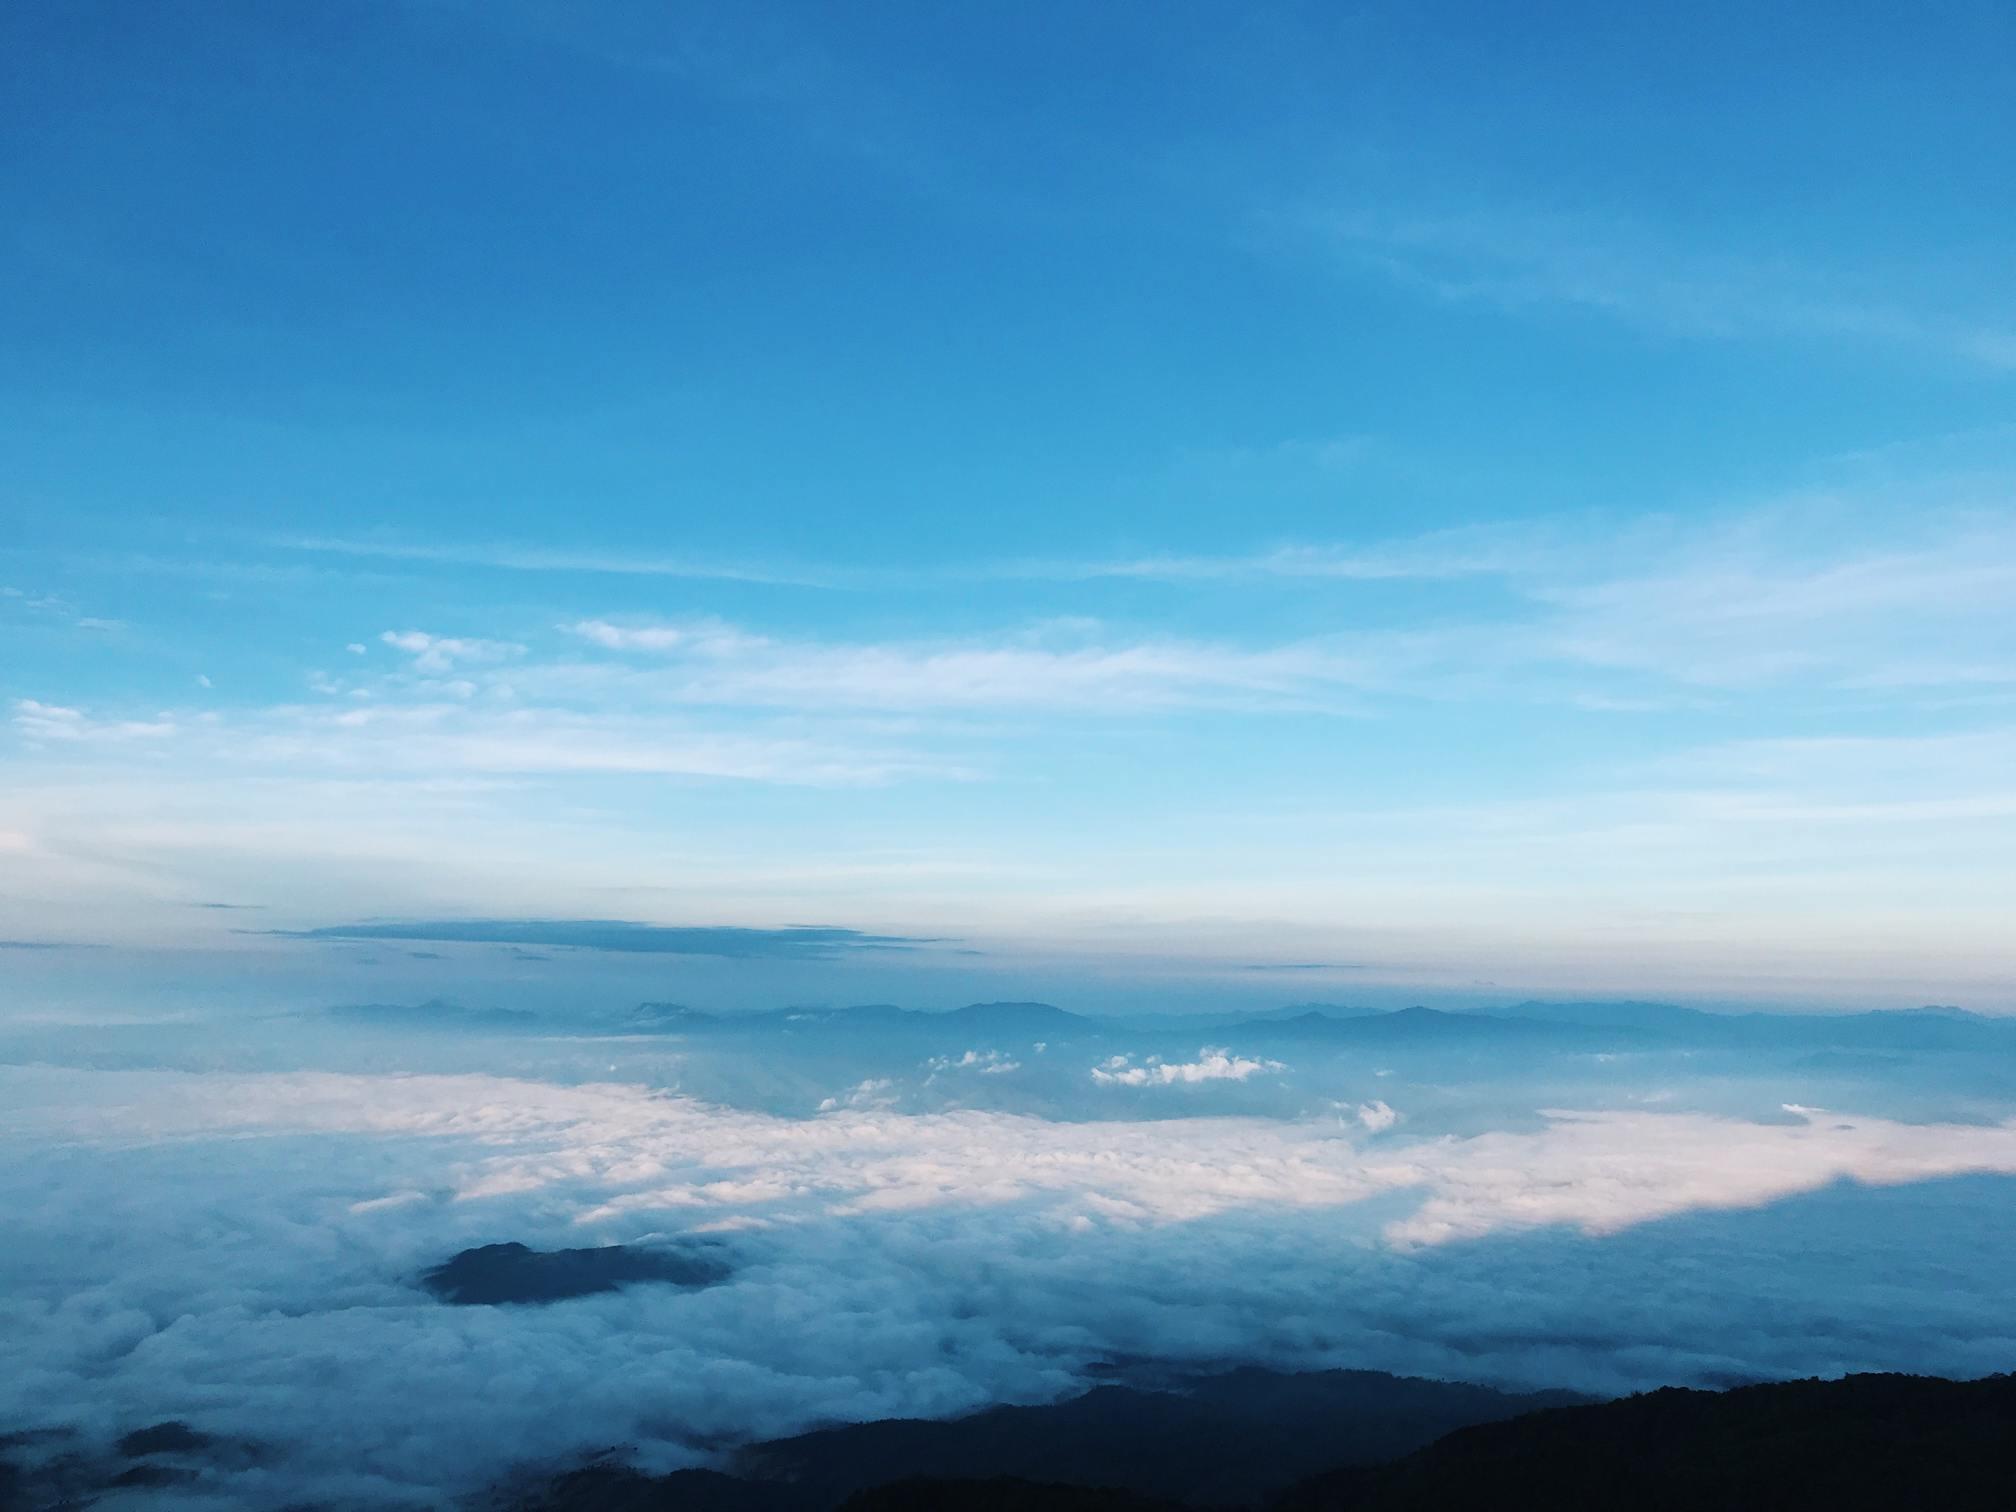 Hình ảnh bầu trời xanh